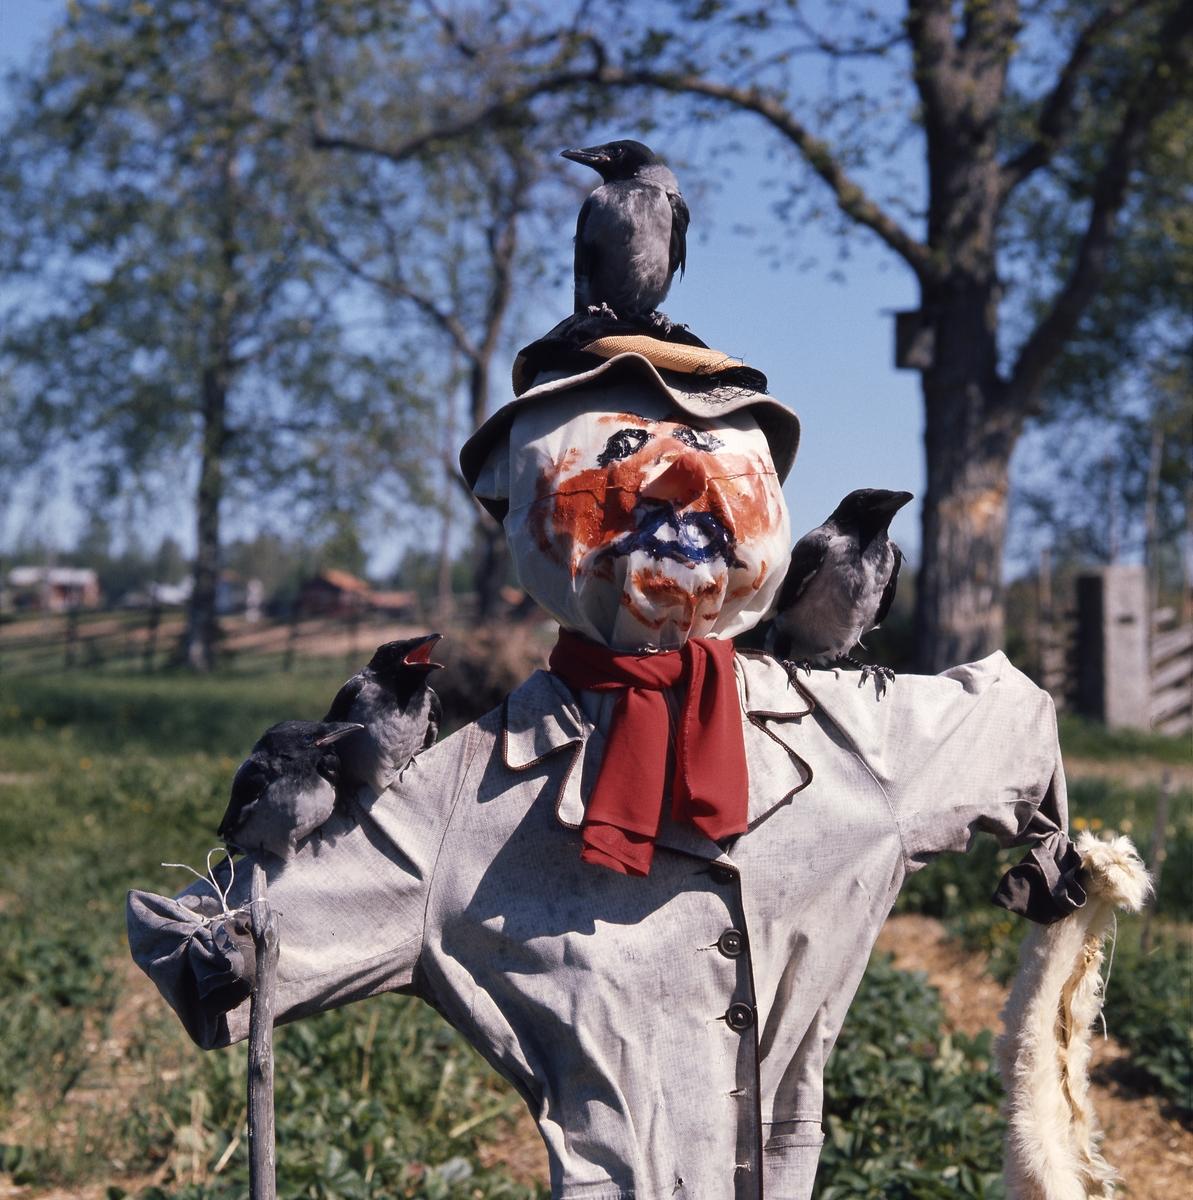 En flock kråkor sitter på en fågelskrämmas hatt och armar.